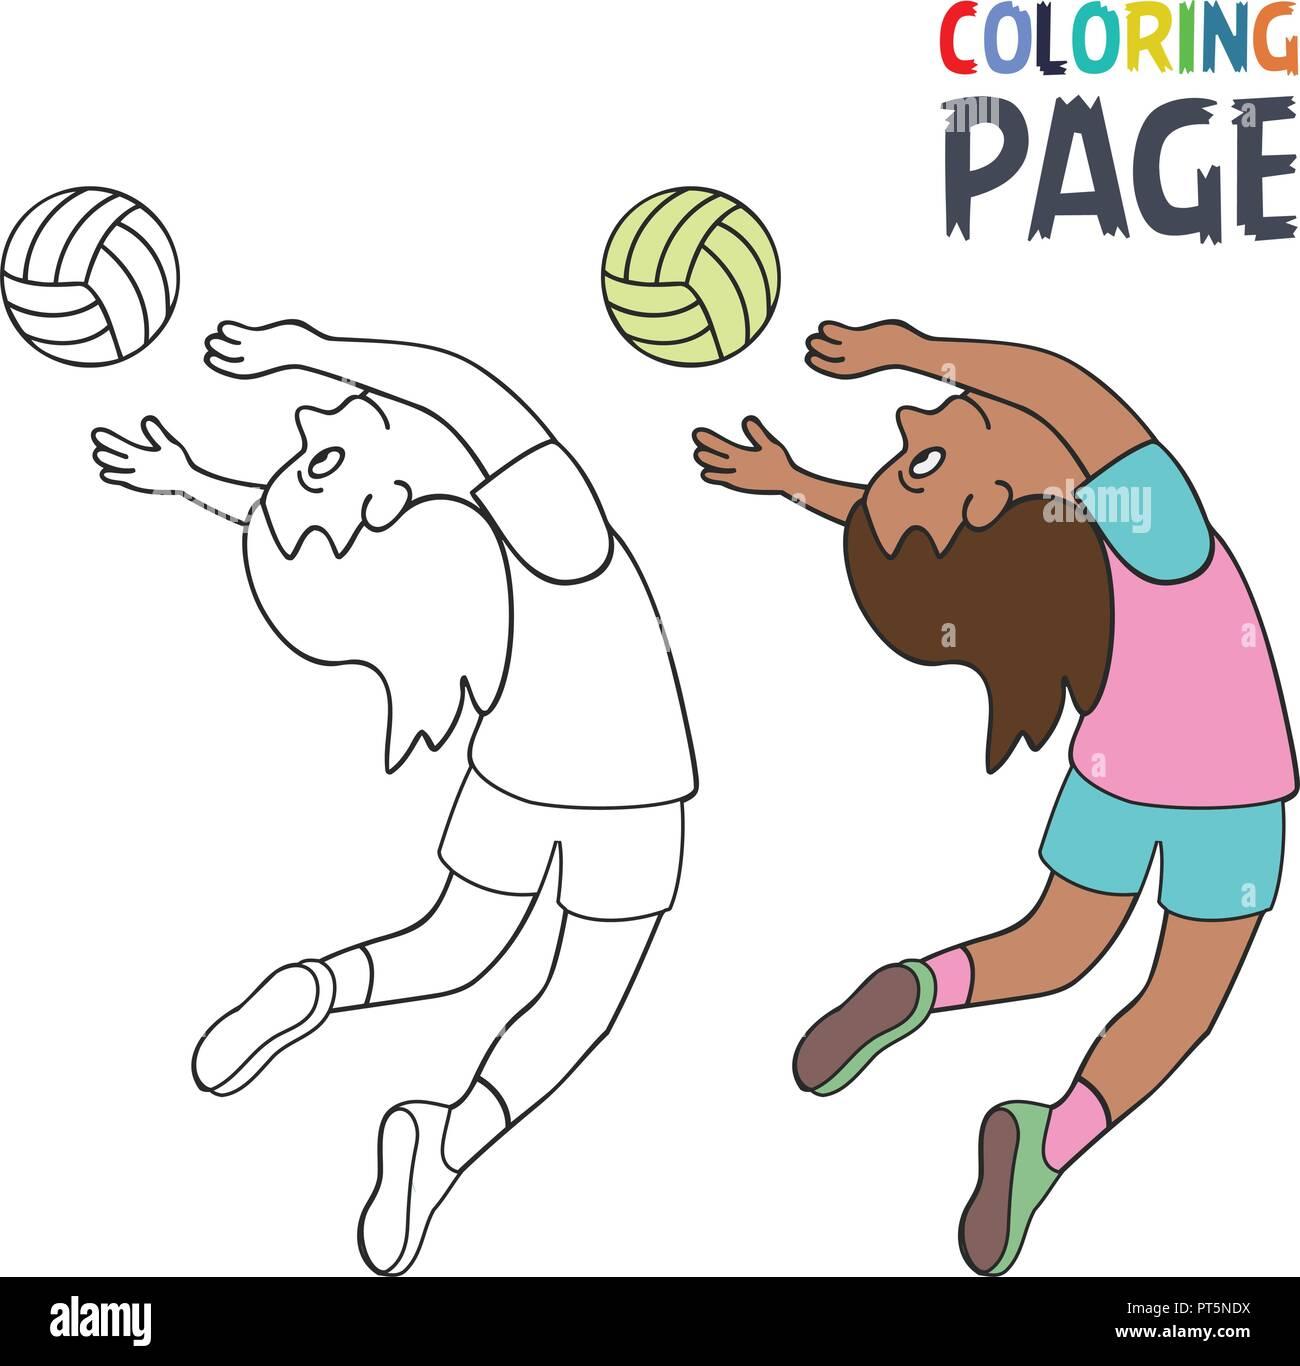 Página para colorear con la mujer volley ball jugador cartoon Imagen De  Stock 3e3f7694b0c66